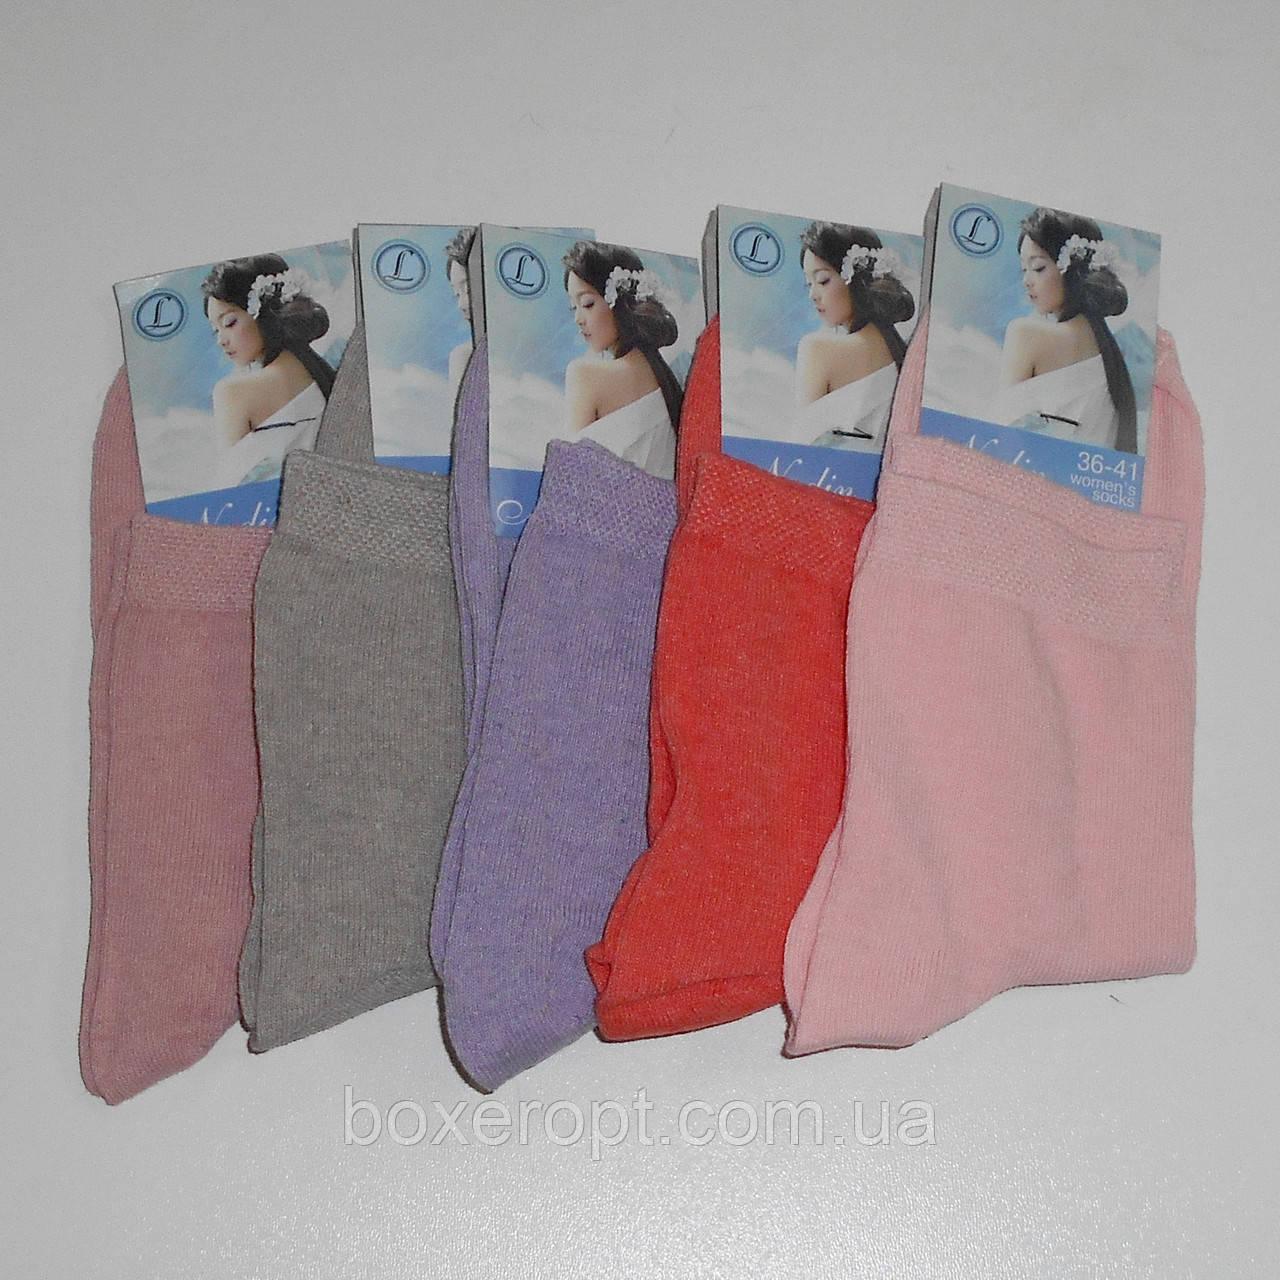 Женские носки Nadin - 6.50 грн./пара (однотонные, высокие)